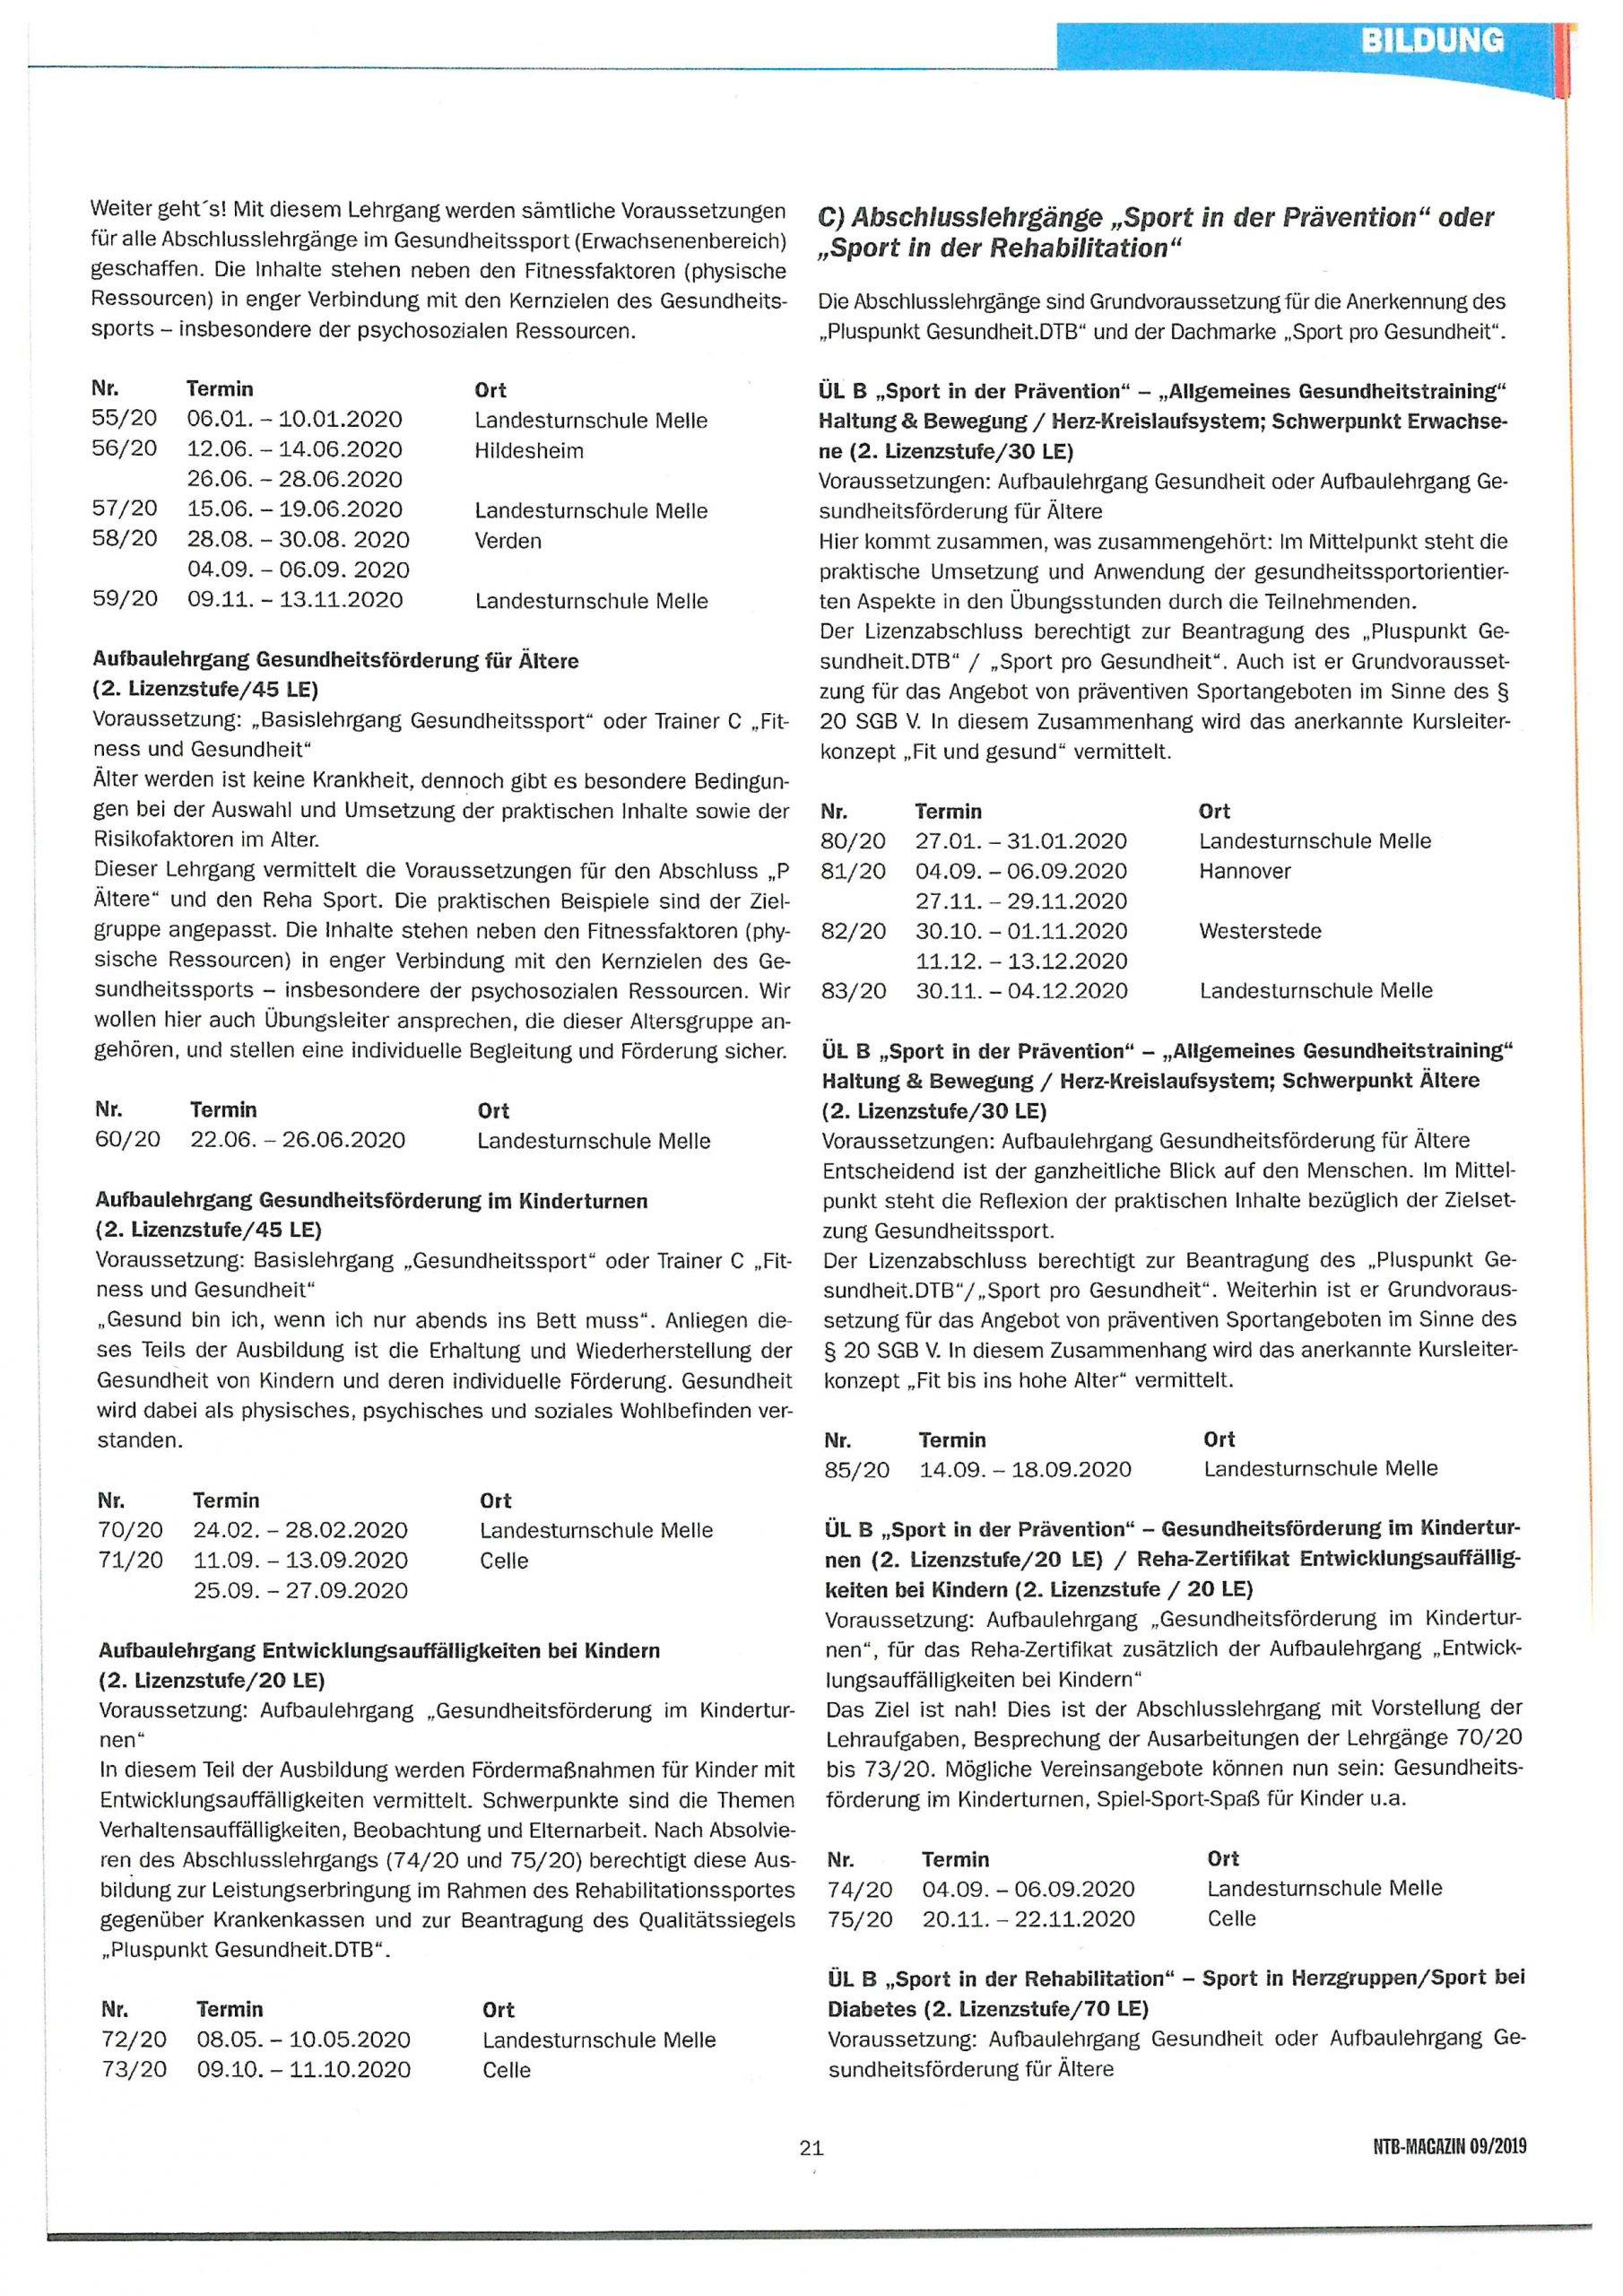 rautenstrauch_c_2020-01-20_08-08-51_1